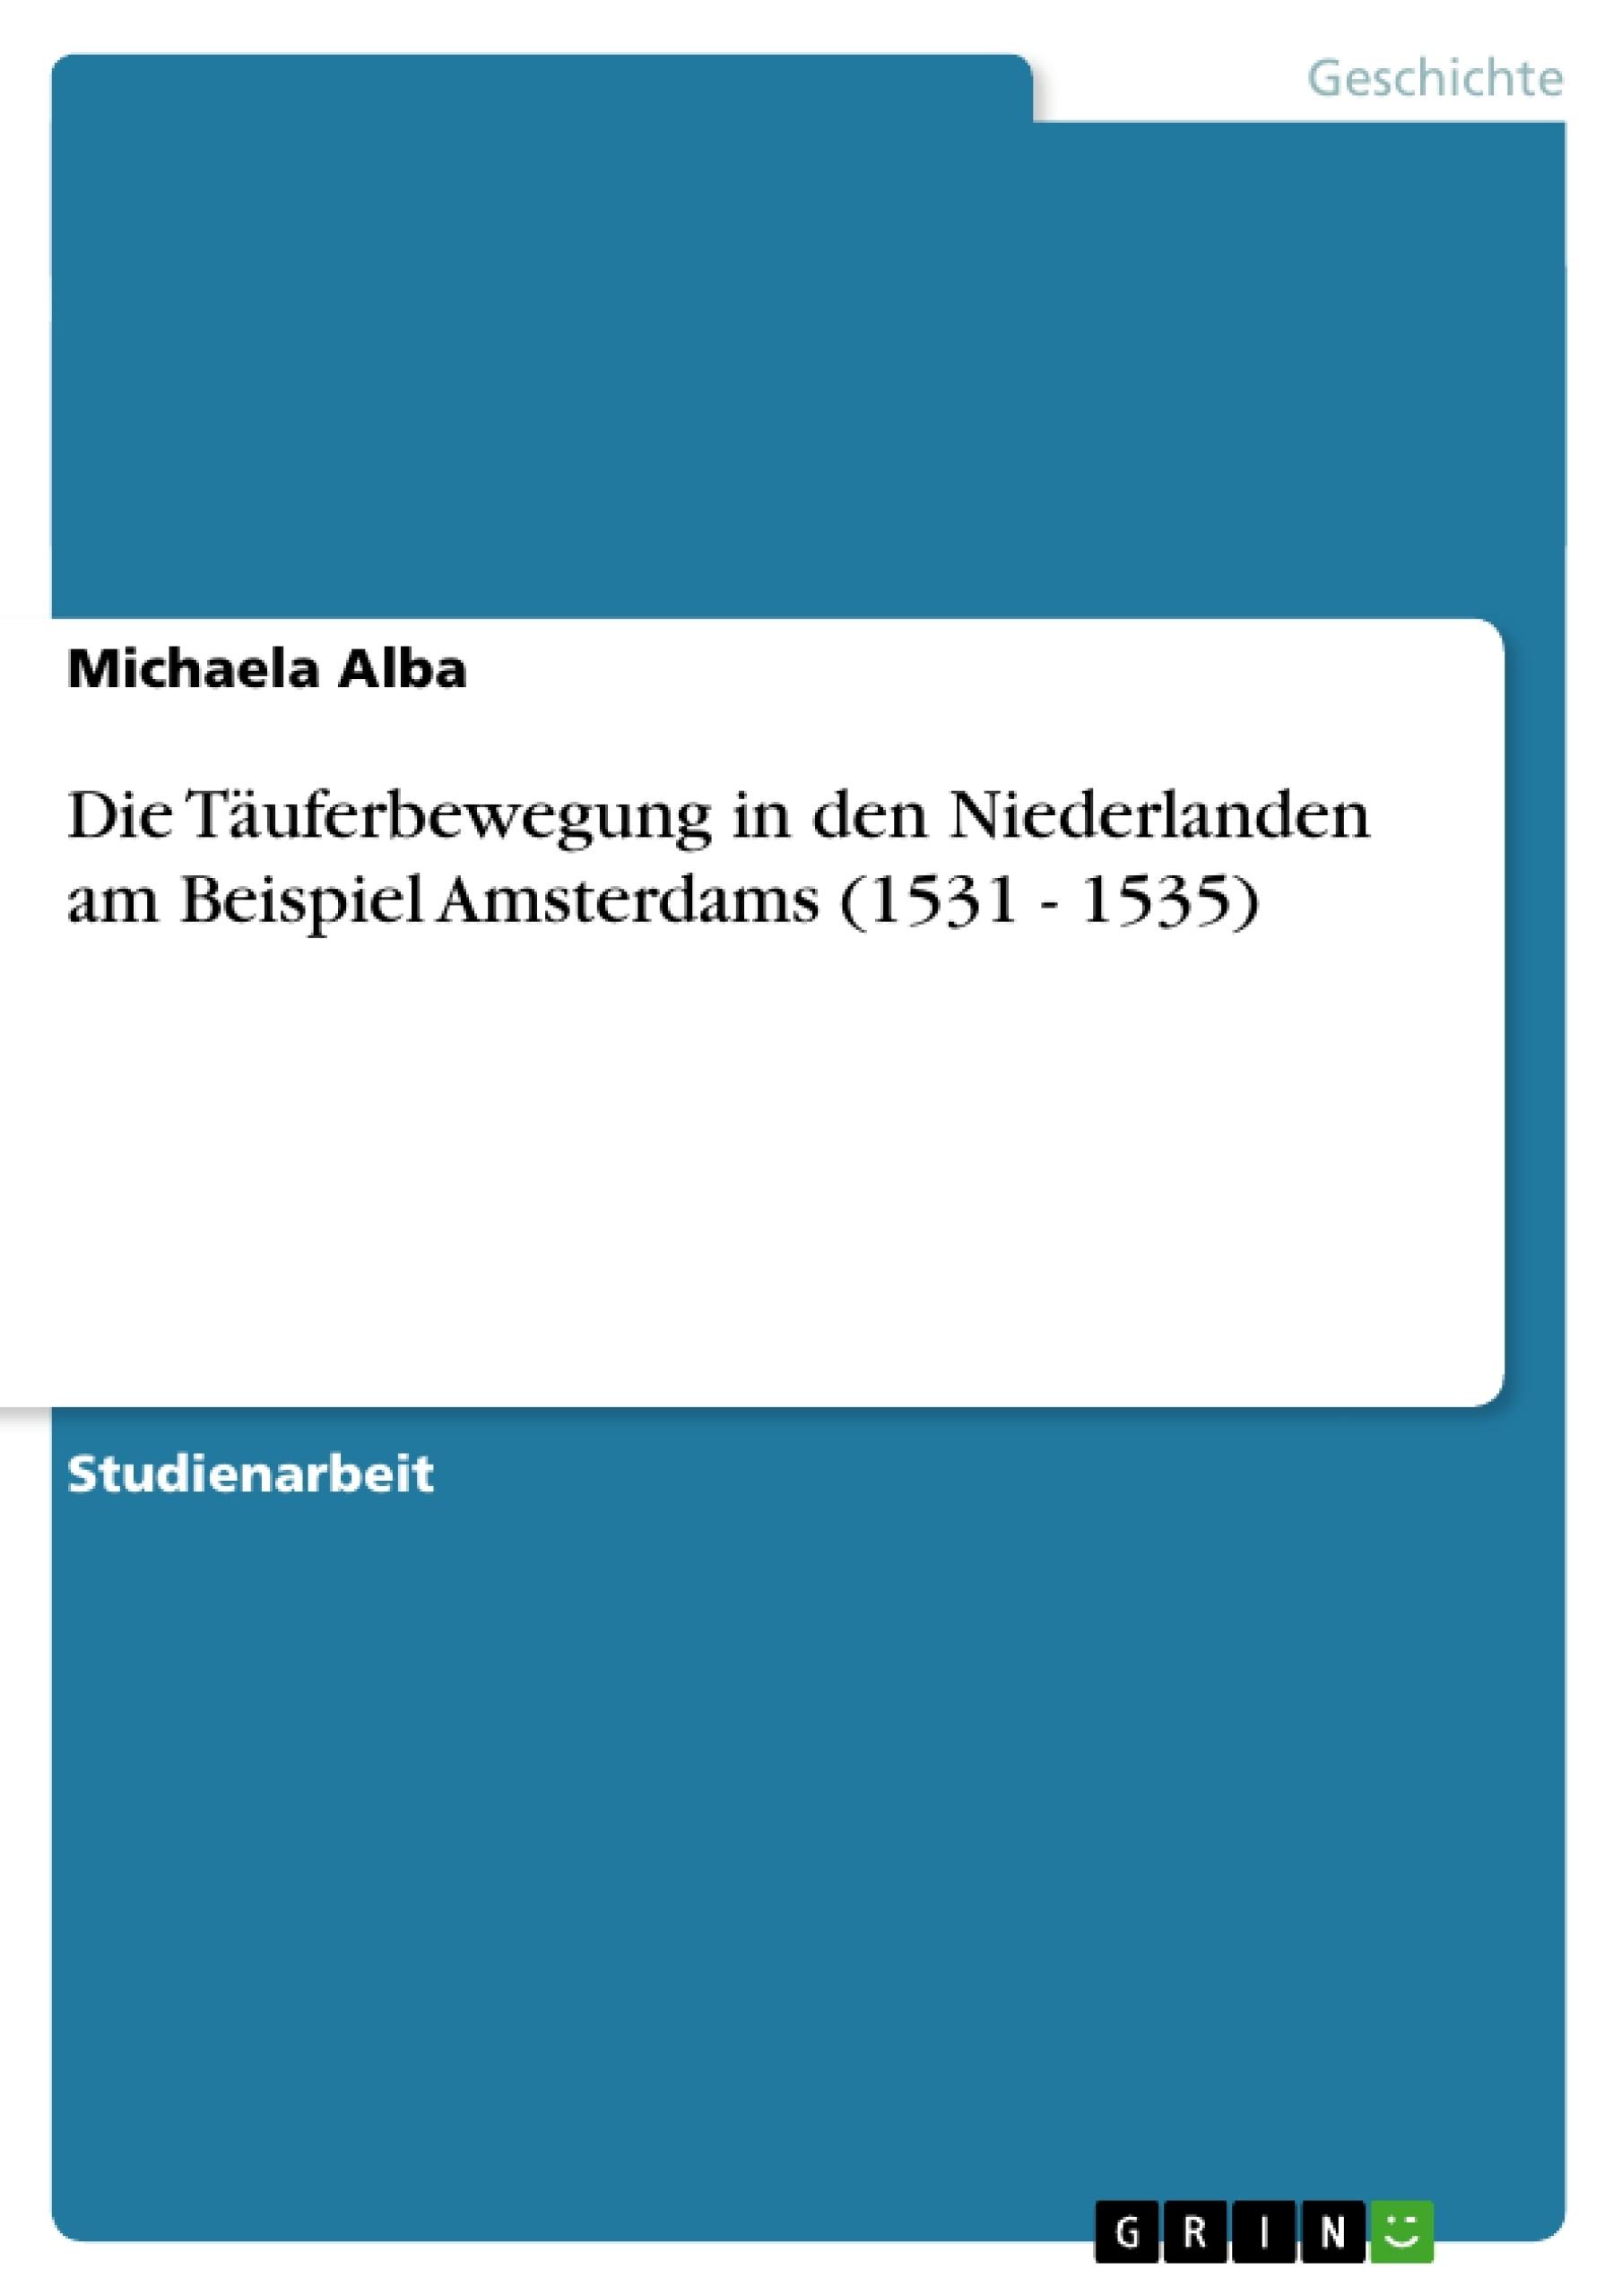 Titel: Die Täuferbewegung in den Niederlanden am Beispiel Amsterdams (1531 - 1535)